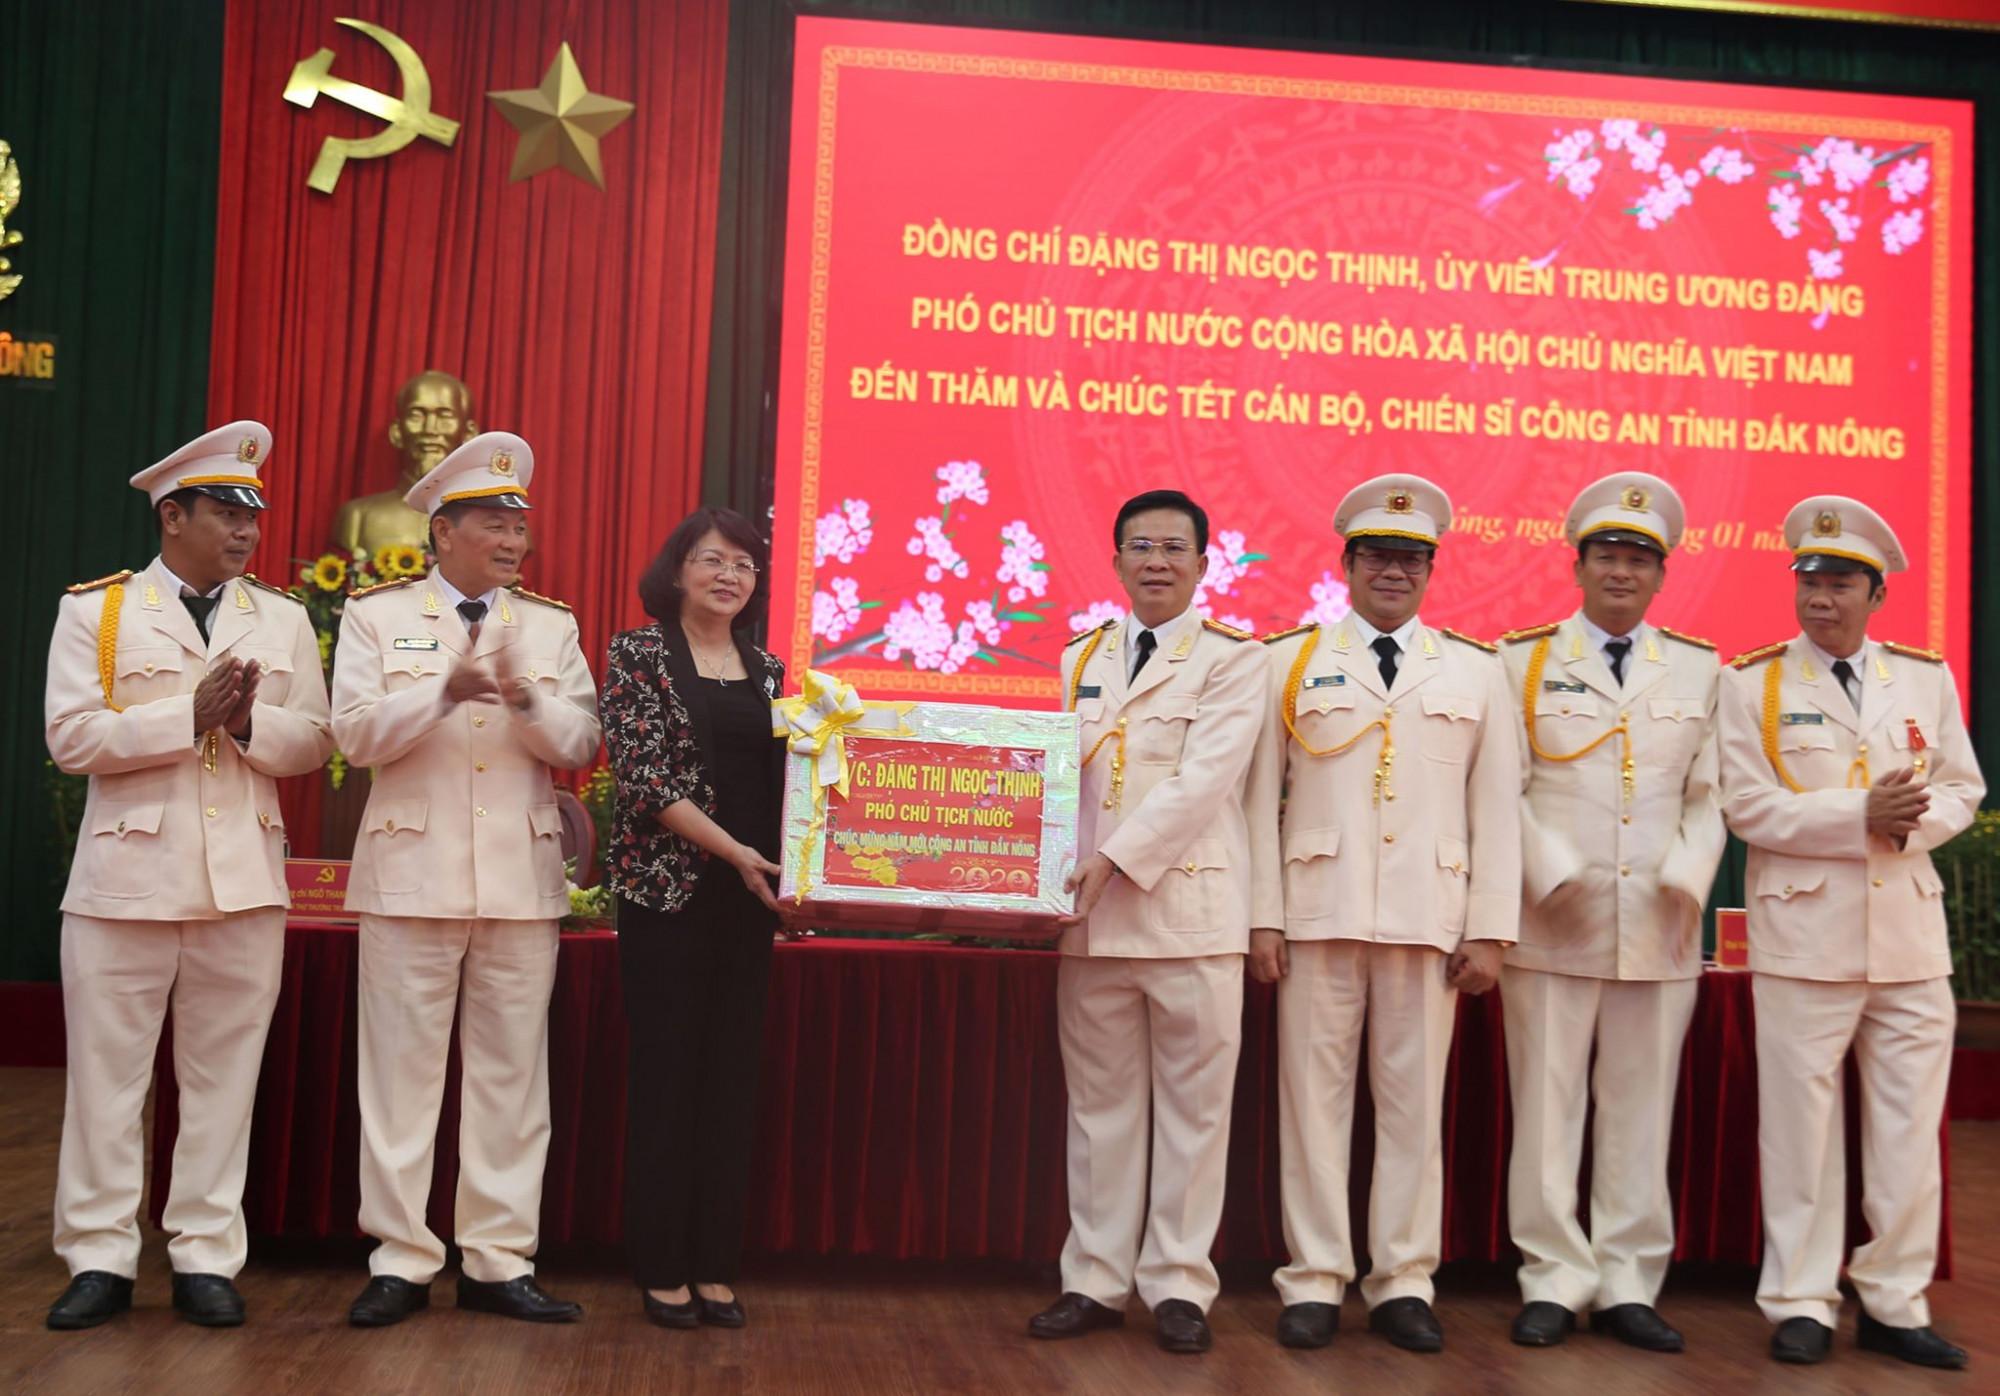 Phó Chủ tịch nước thăm và chúc Tết Công an tỉnh Đắk Nông